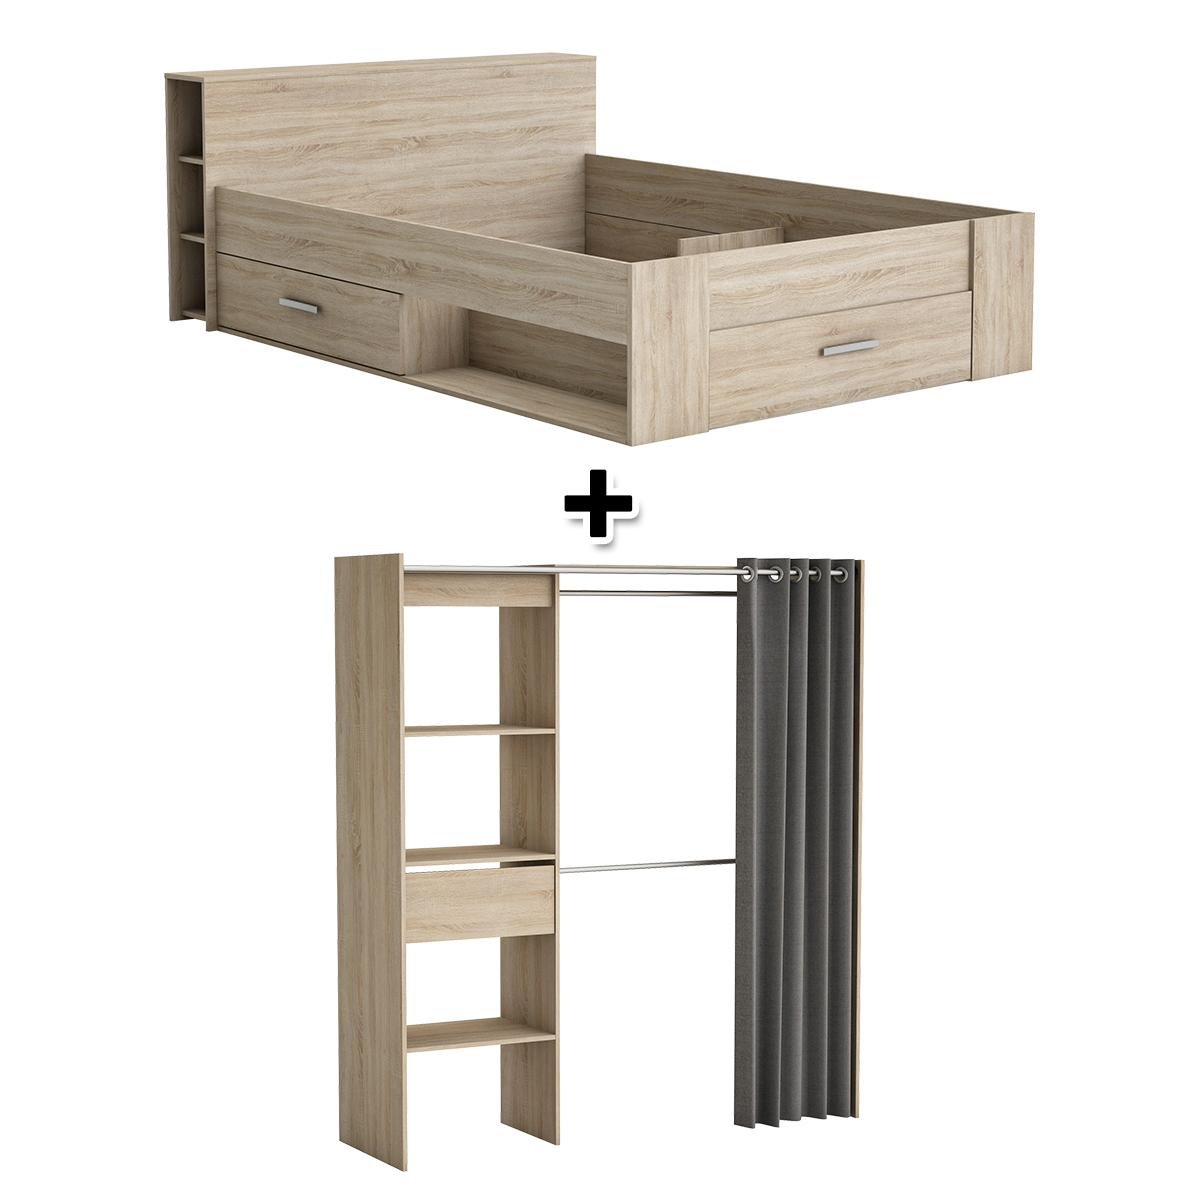 Lit 140X190 cm SMART chêne + armoire dressing MOKA chêne brossé